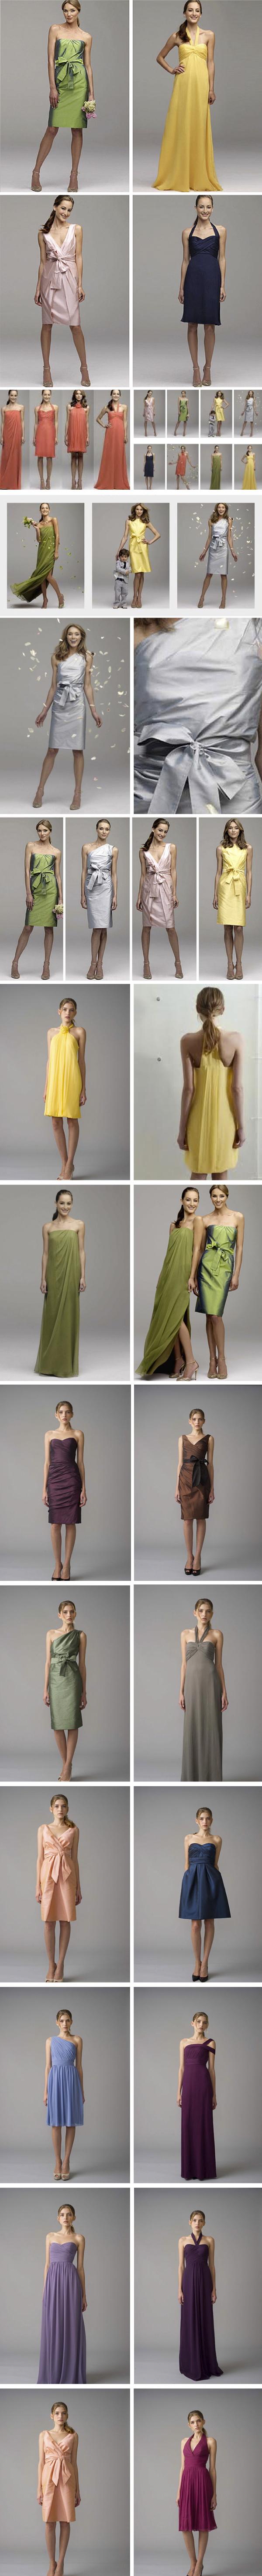 Charleston Bridesmaid dresses